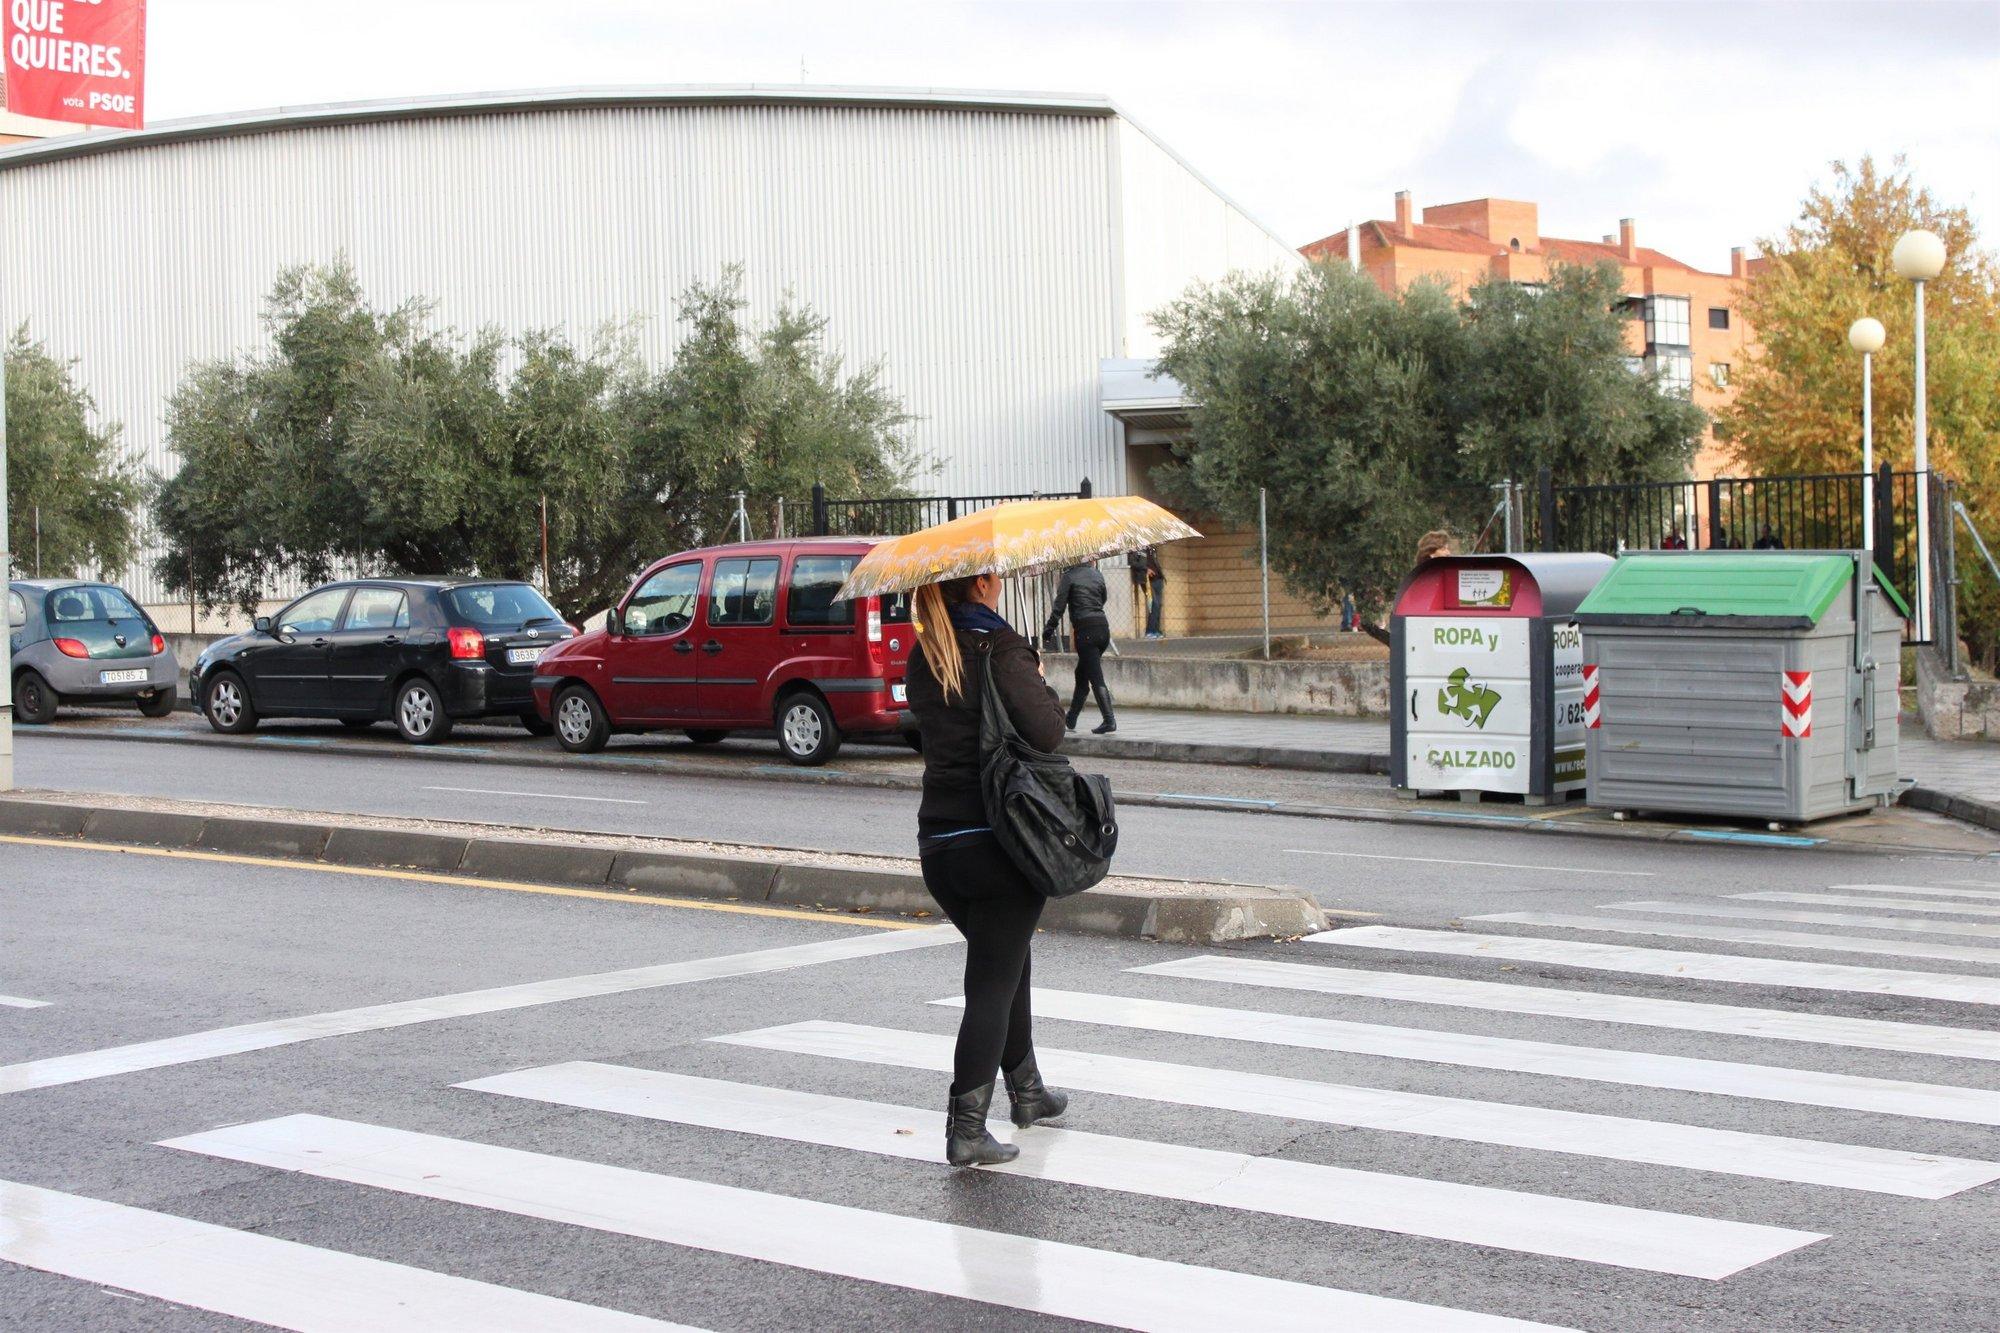 Las lluvias dejan hasta 50 l/m2 en Pinet y 49 en Simat de la Valldigna (Valencia)